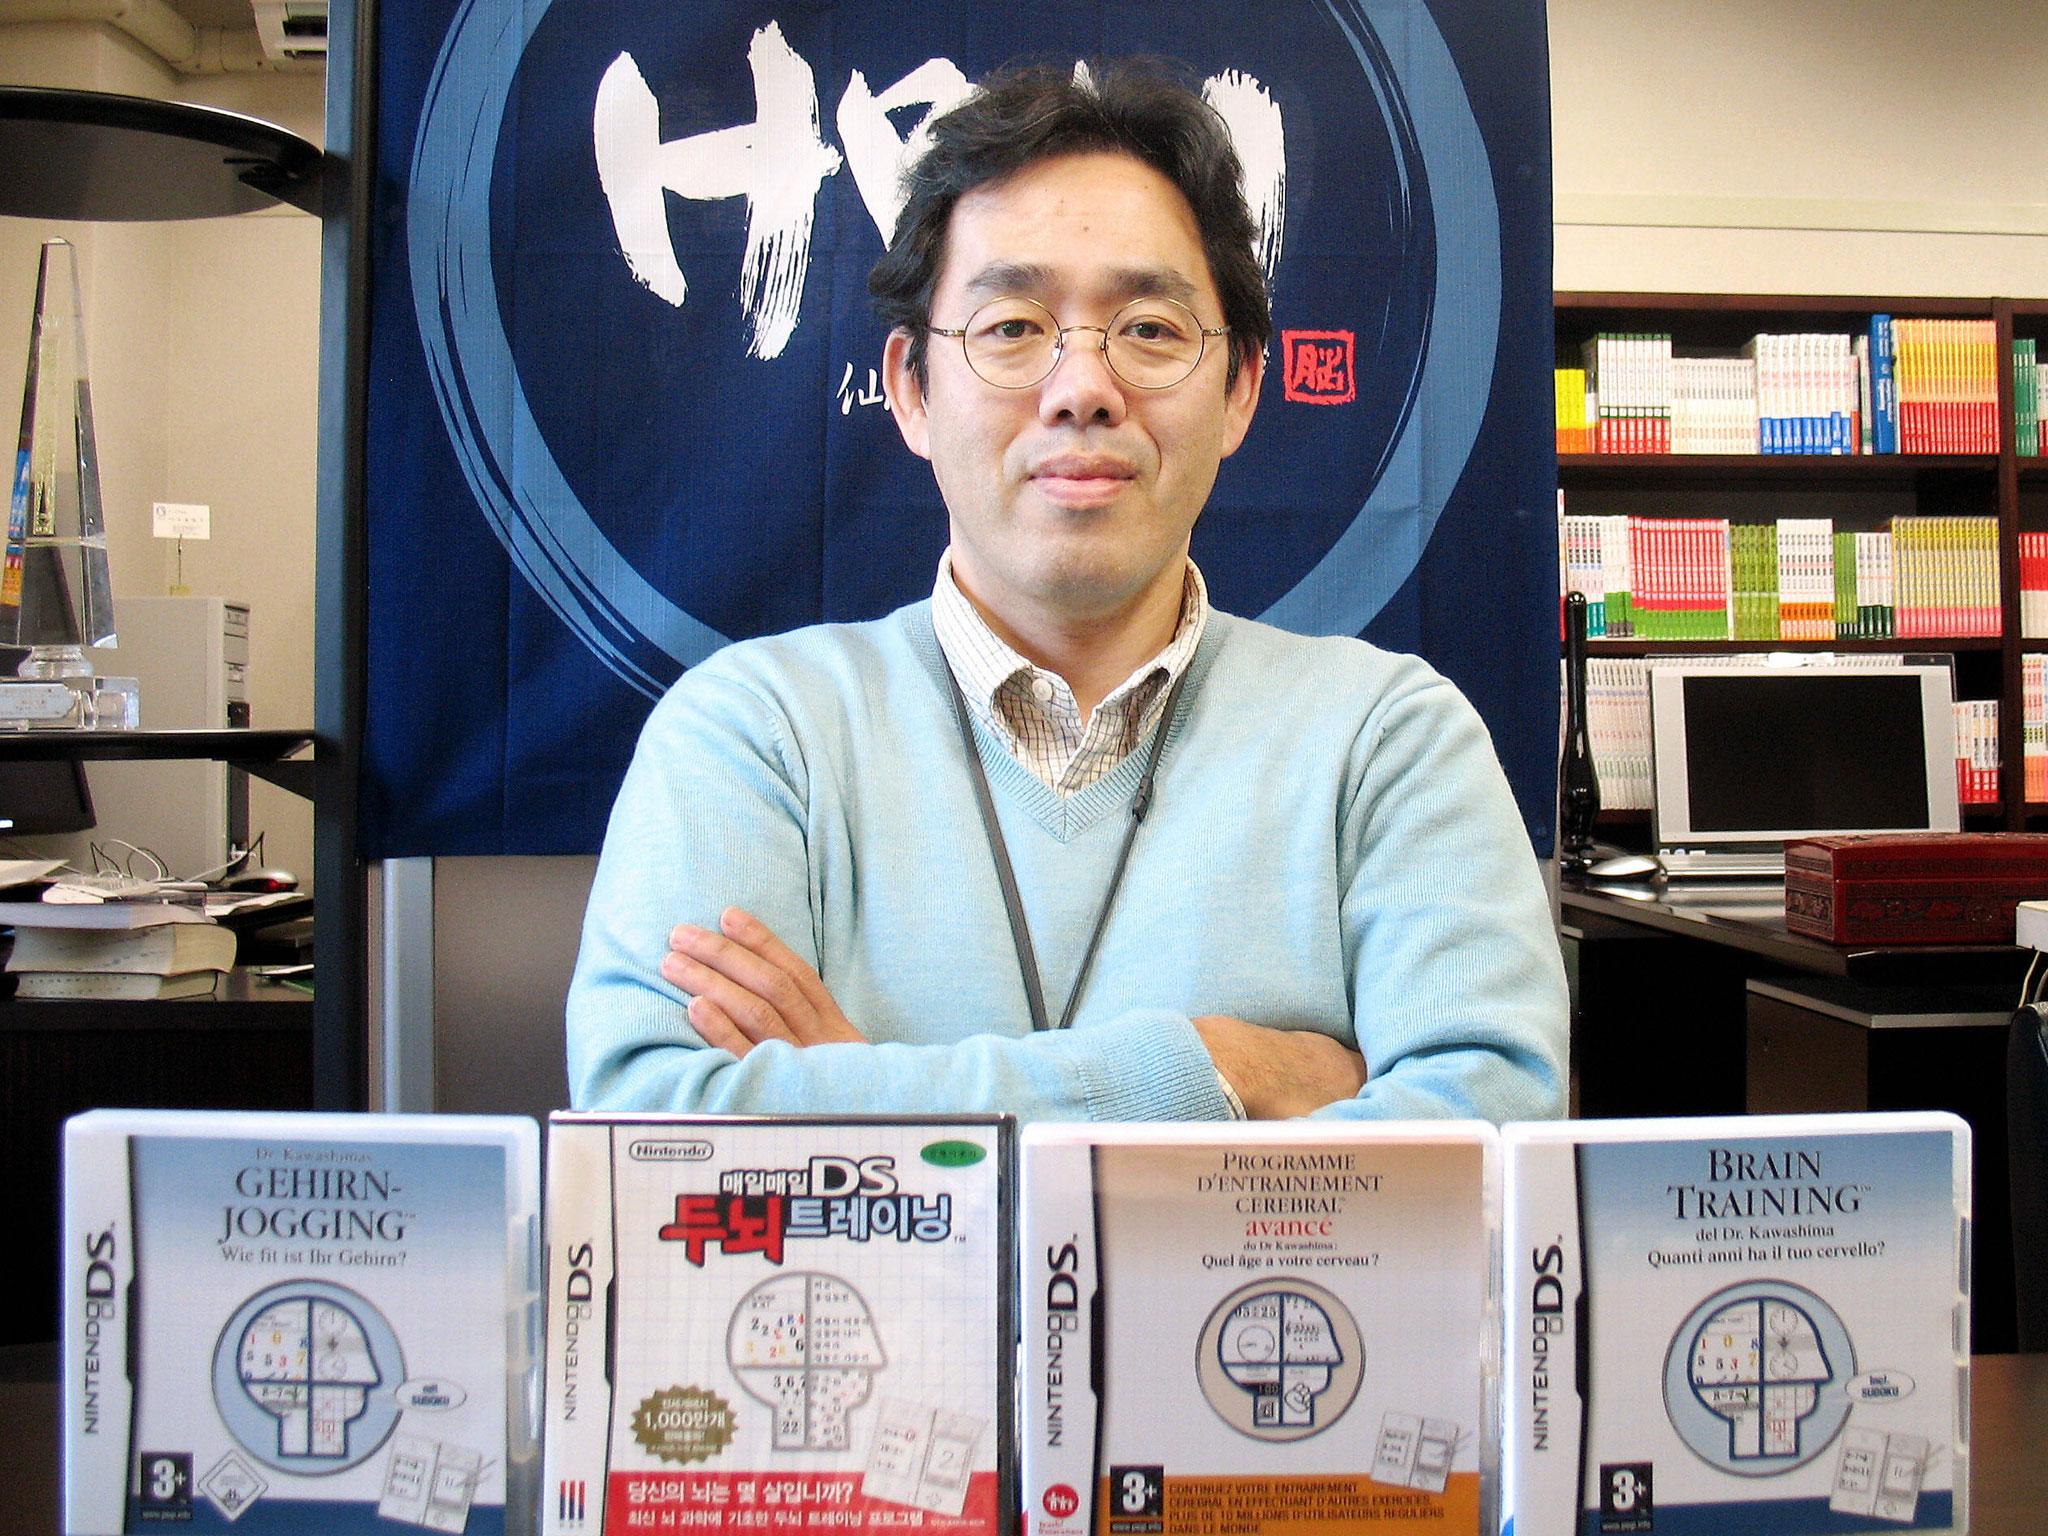 دانلود نرم افزار ورزش مغز دکتر کاواشیما